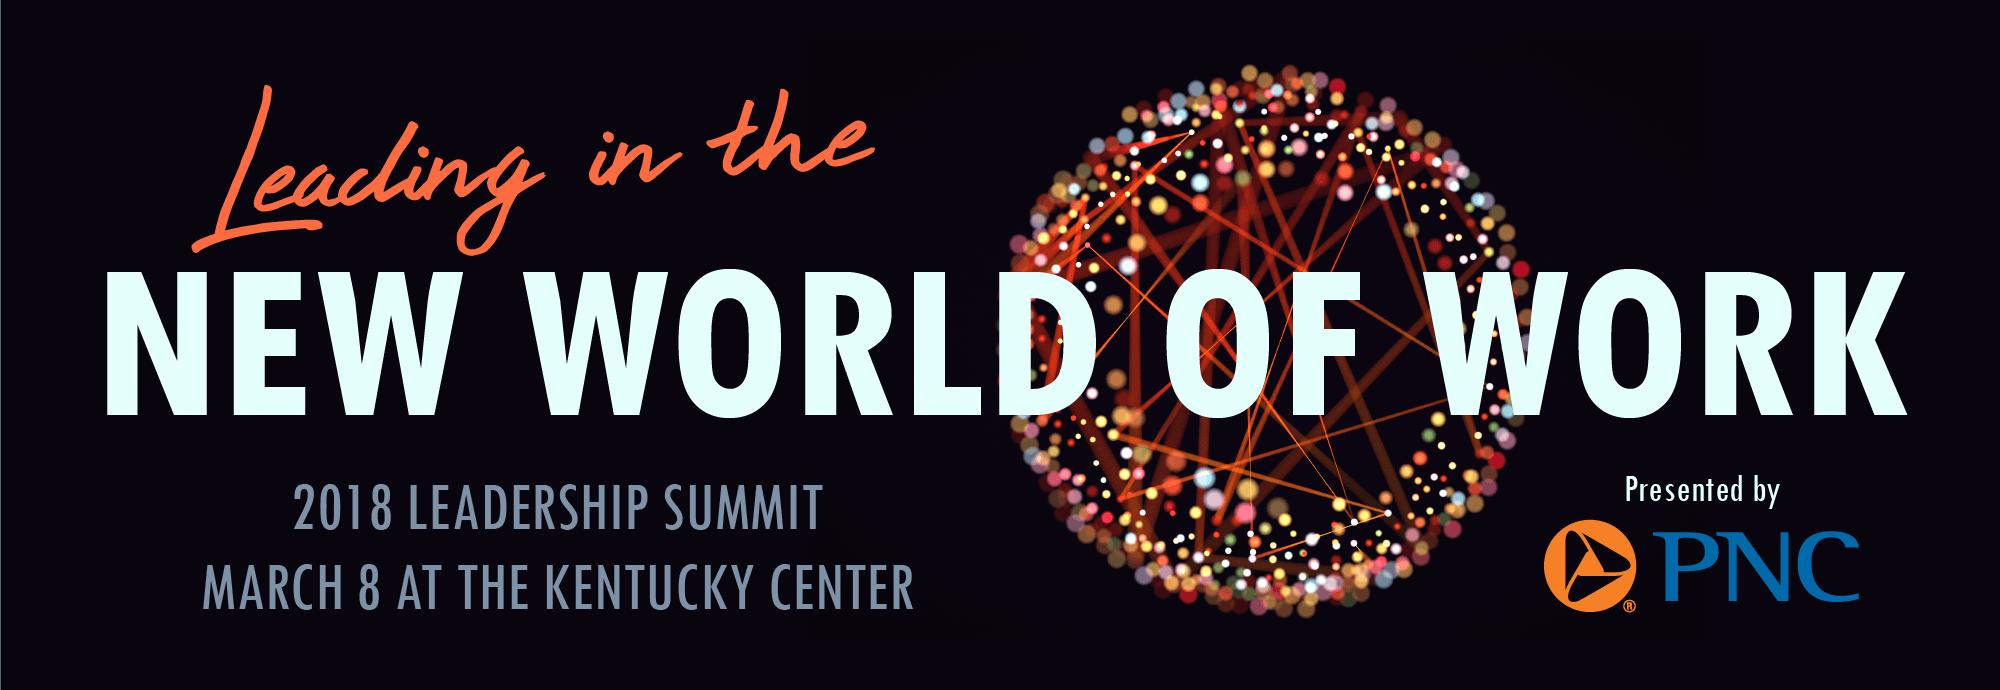 2018 Leadership Summit